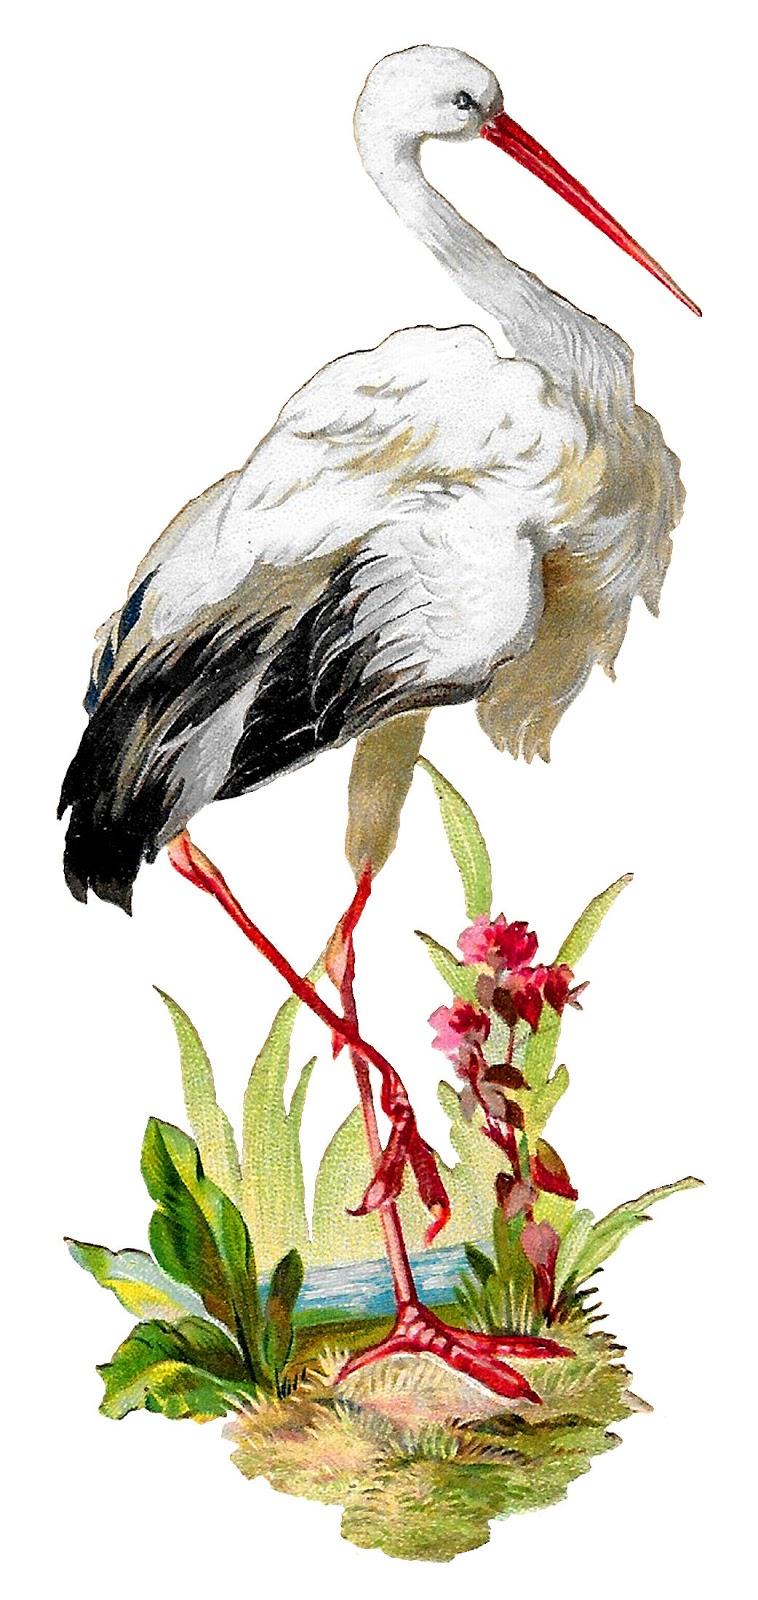 Vintage stork clipart banner black and white download Antique Images: Vintage White Stork Bird Clipart Artwork ... banner black and white download